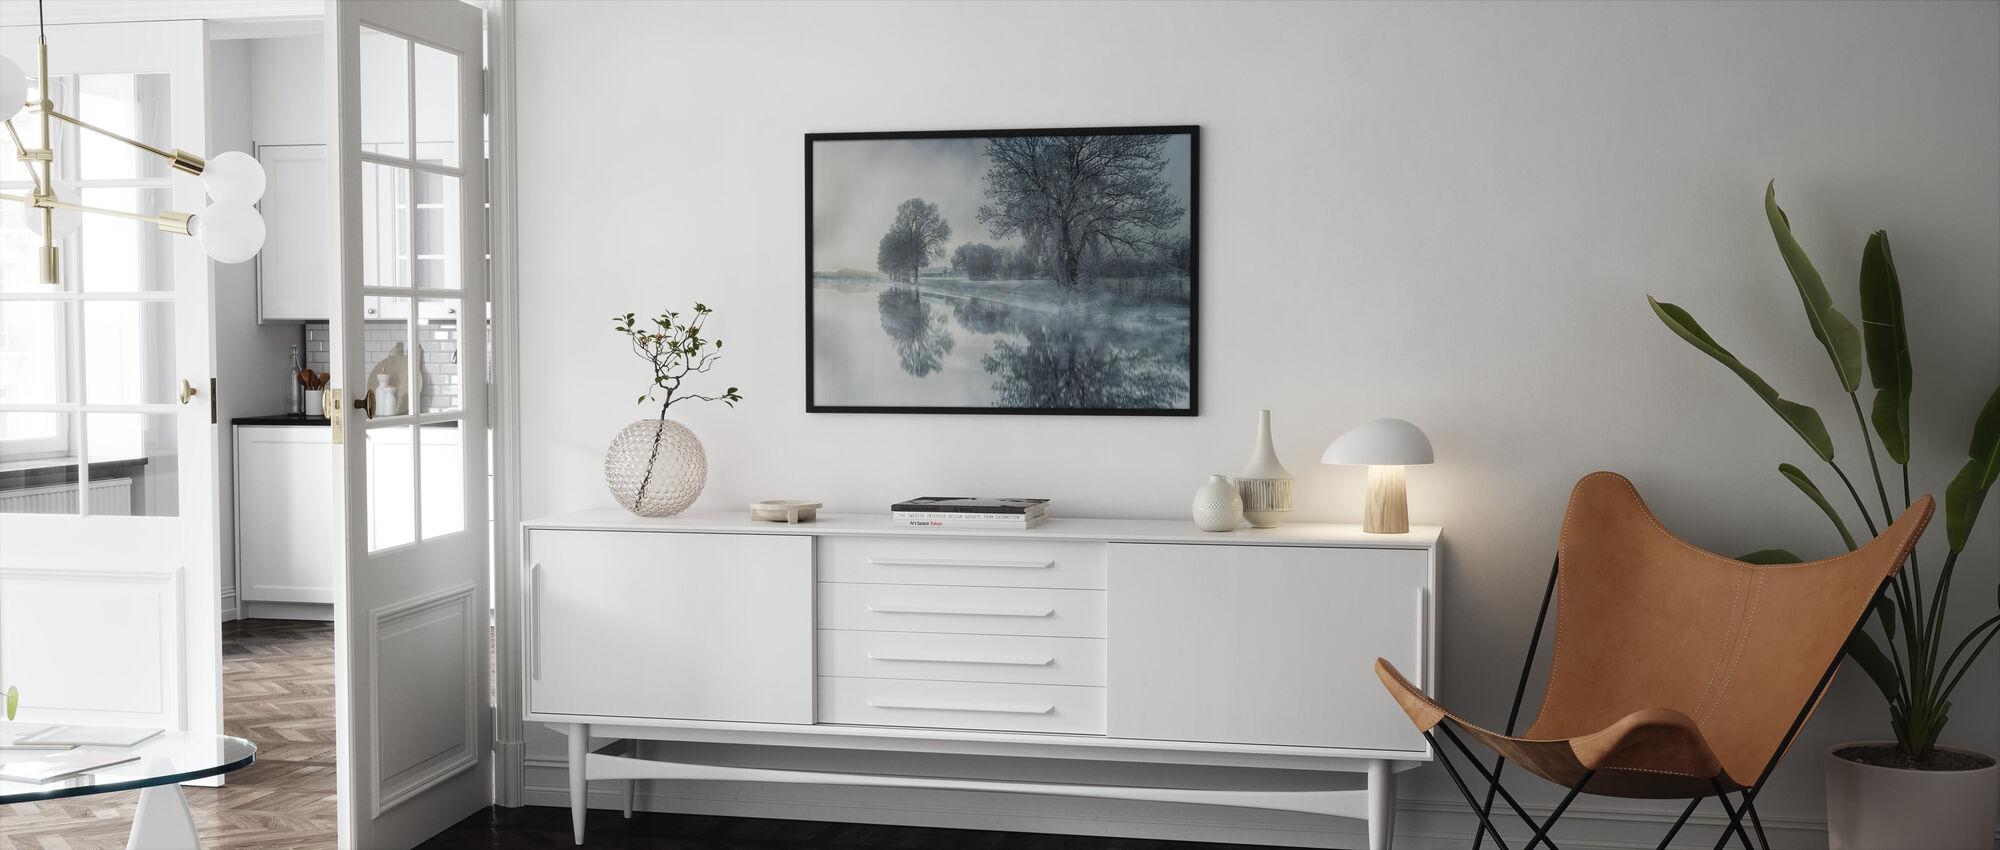 Mirror järvi - Kehystetty kuva - Olohuone